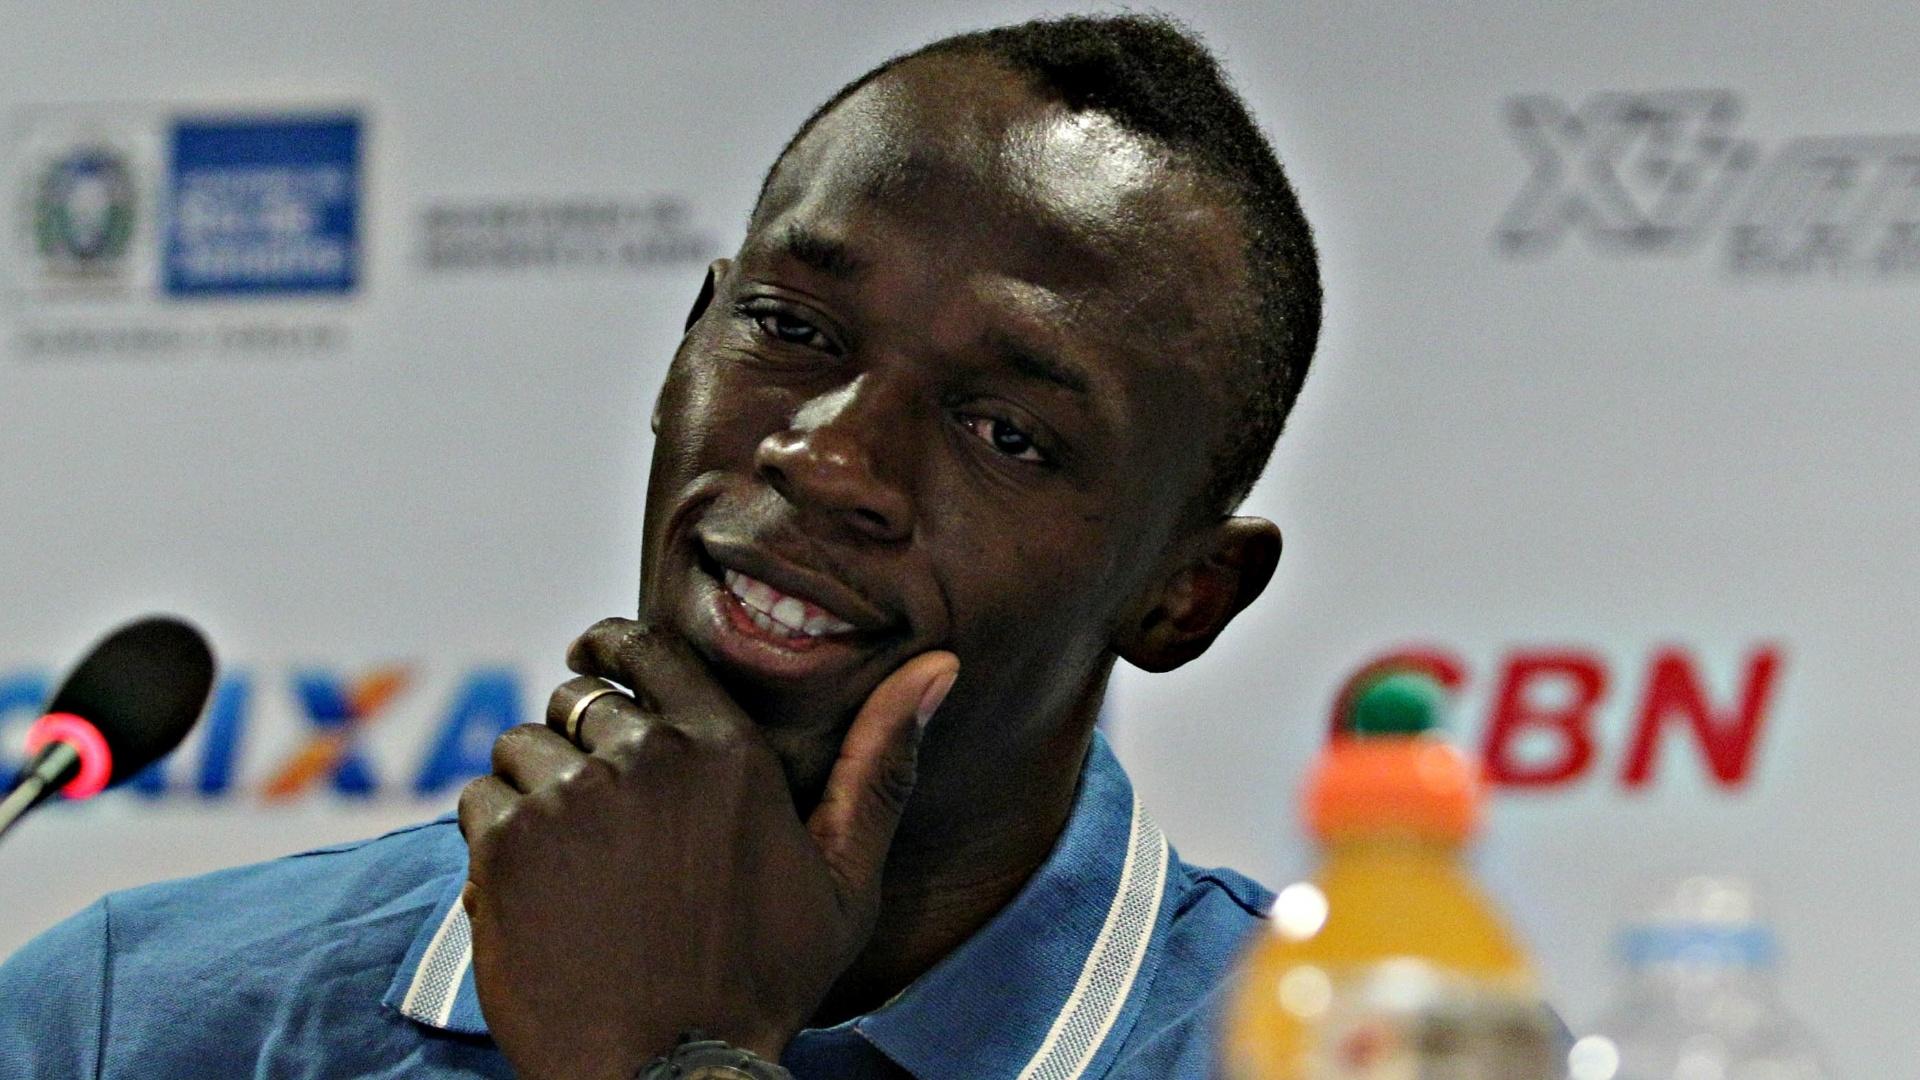 28.mar.2013 - Usain Bolt sorri antes de responder à pergunta durante entrevista coletiva no Rio de Janeiro